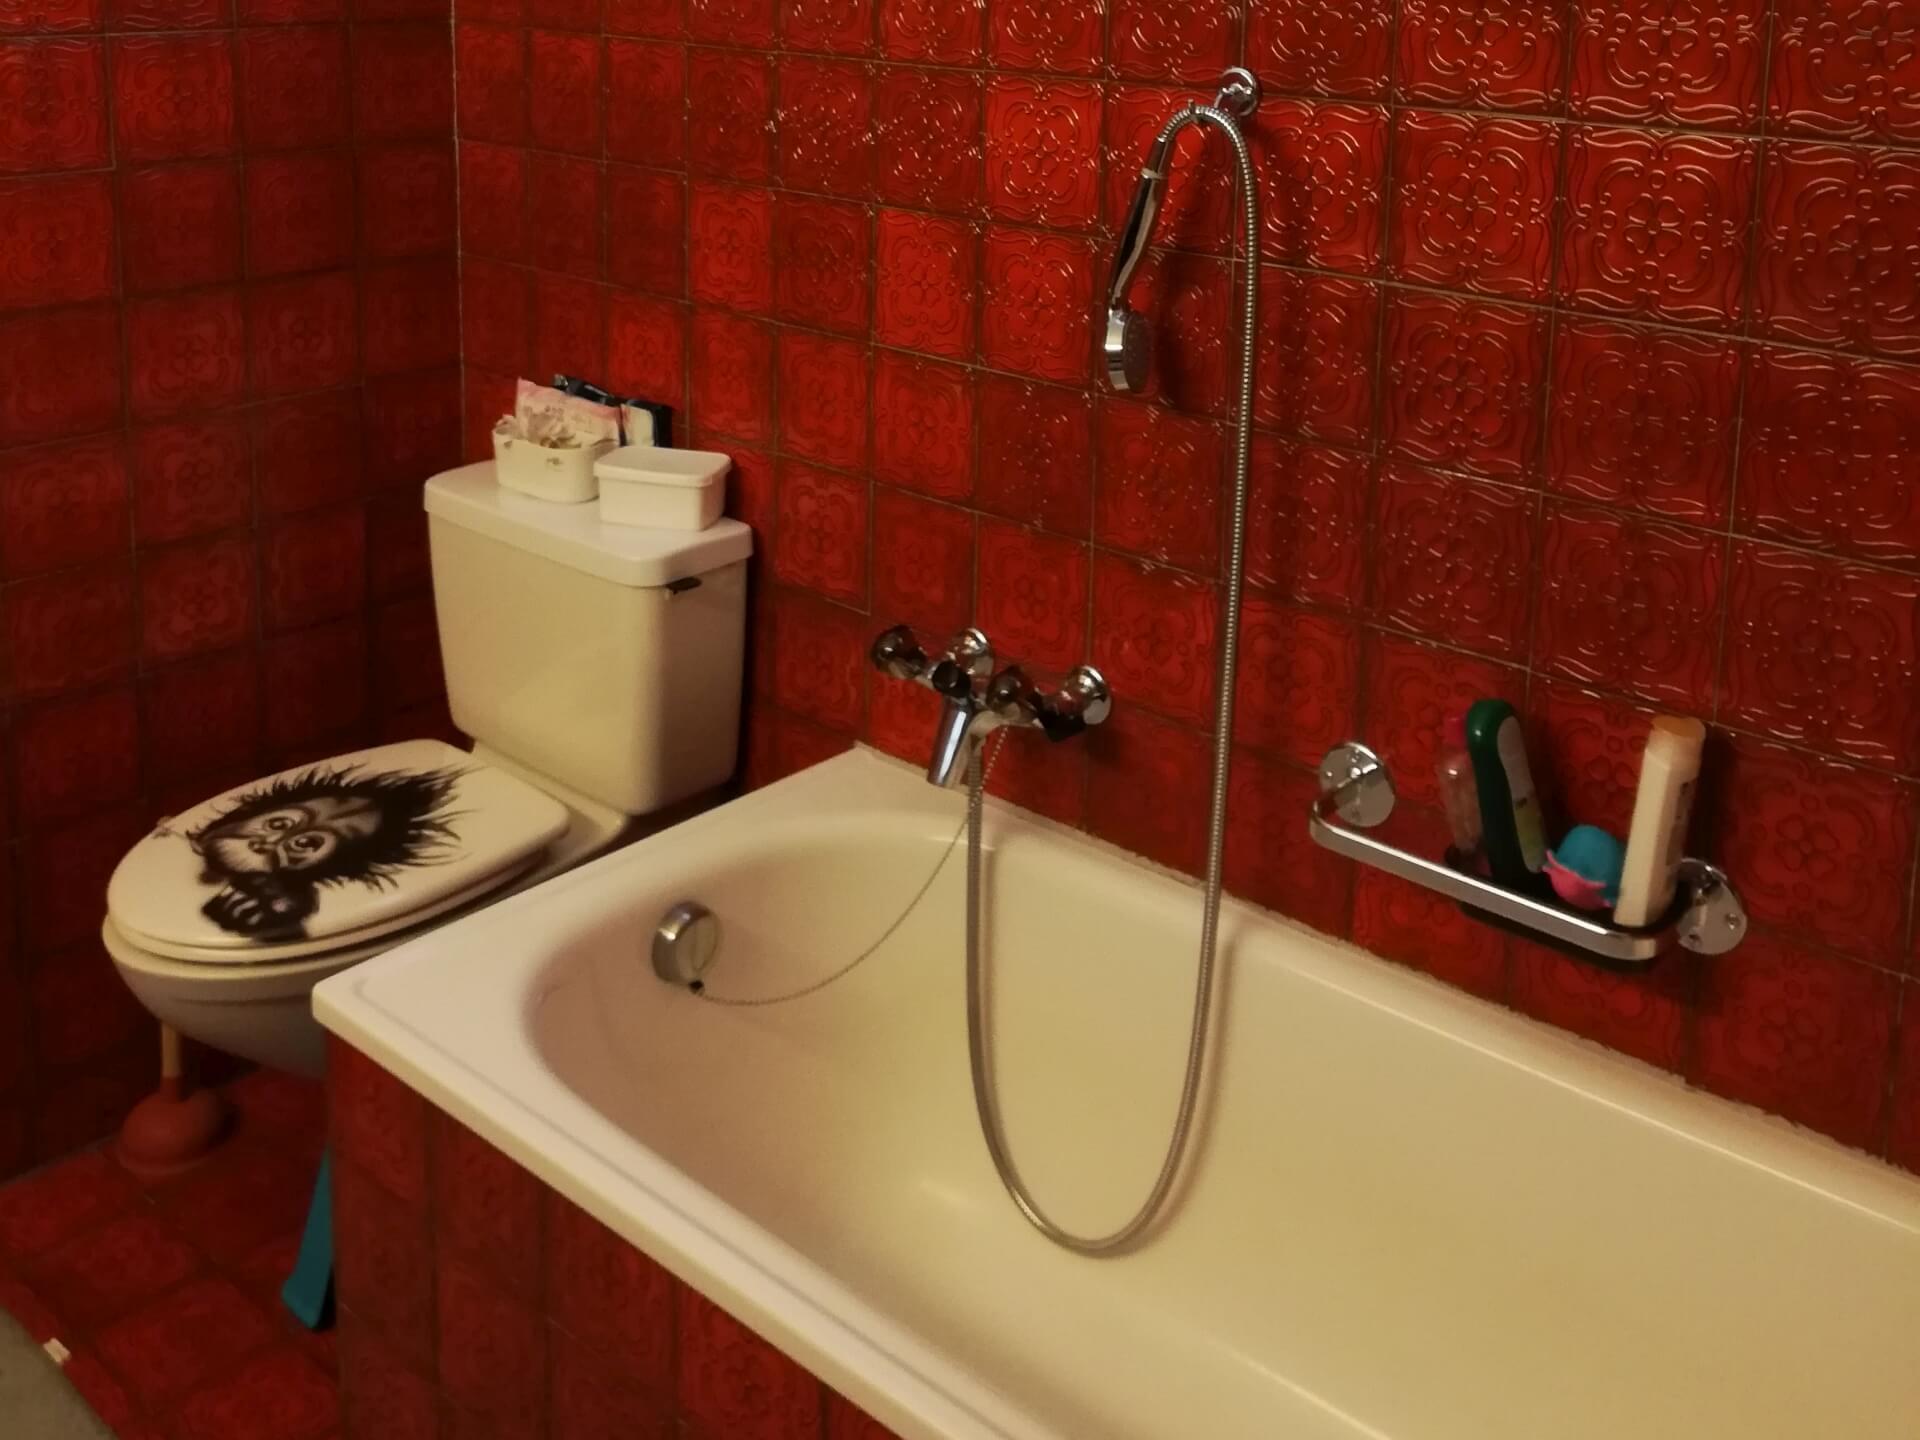 40-jährigen Badezimmers, mit roten, quadratischen Kacheln an Wand und Boden. Badewanne eingekleidet mit den roten Kacheln, das WC mit einem aufgesetzten Spülkasten und das Fenster mit Vorhang.